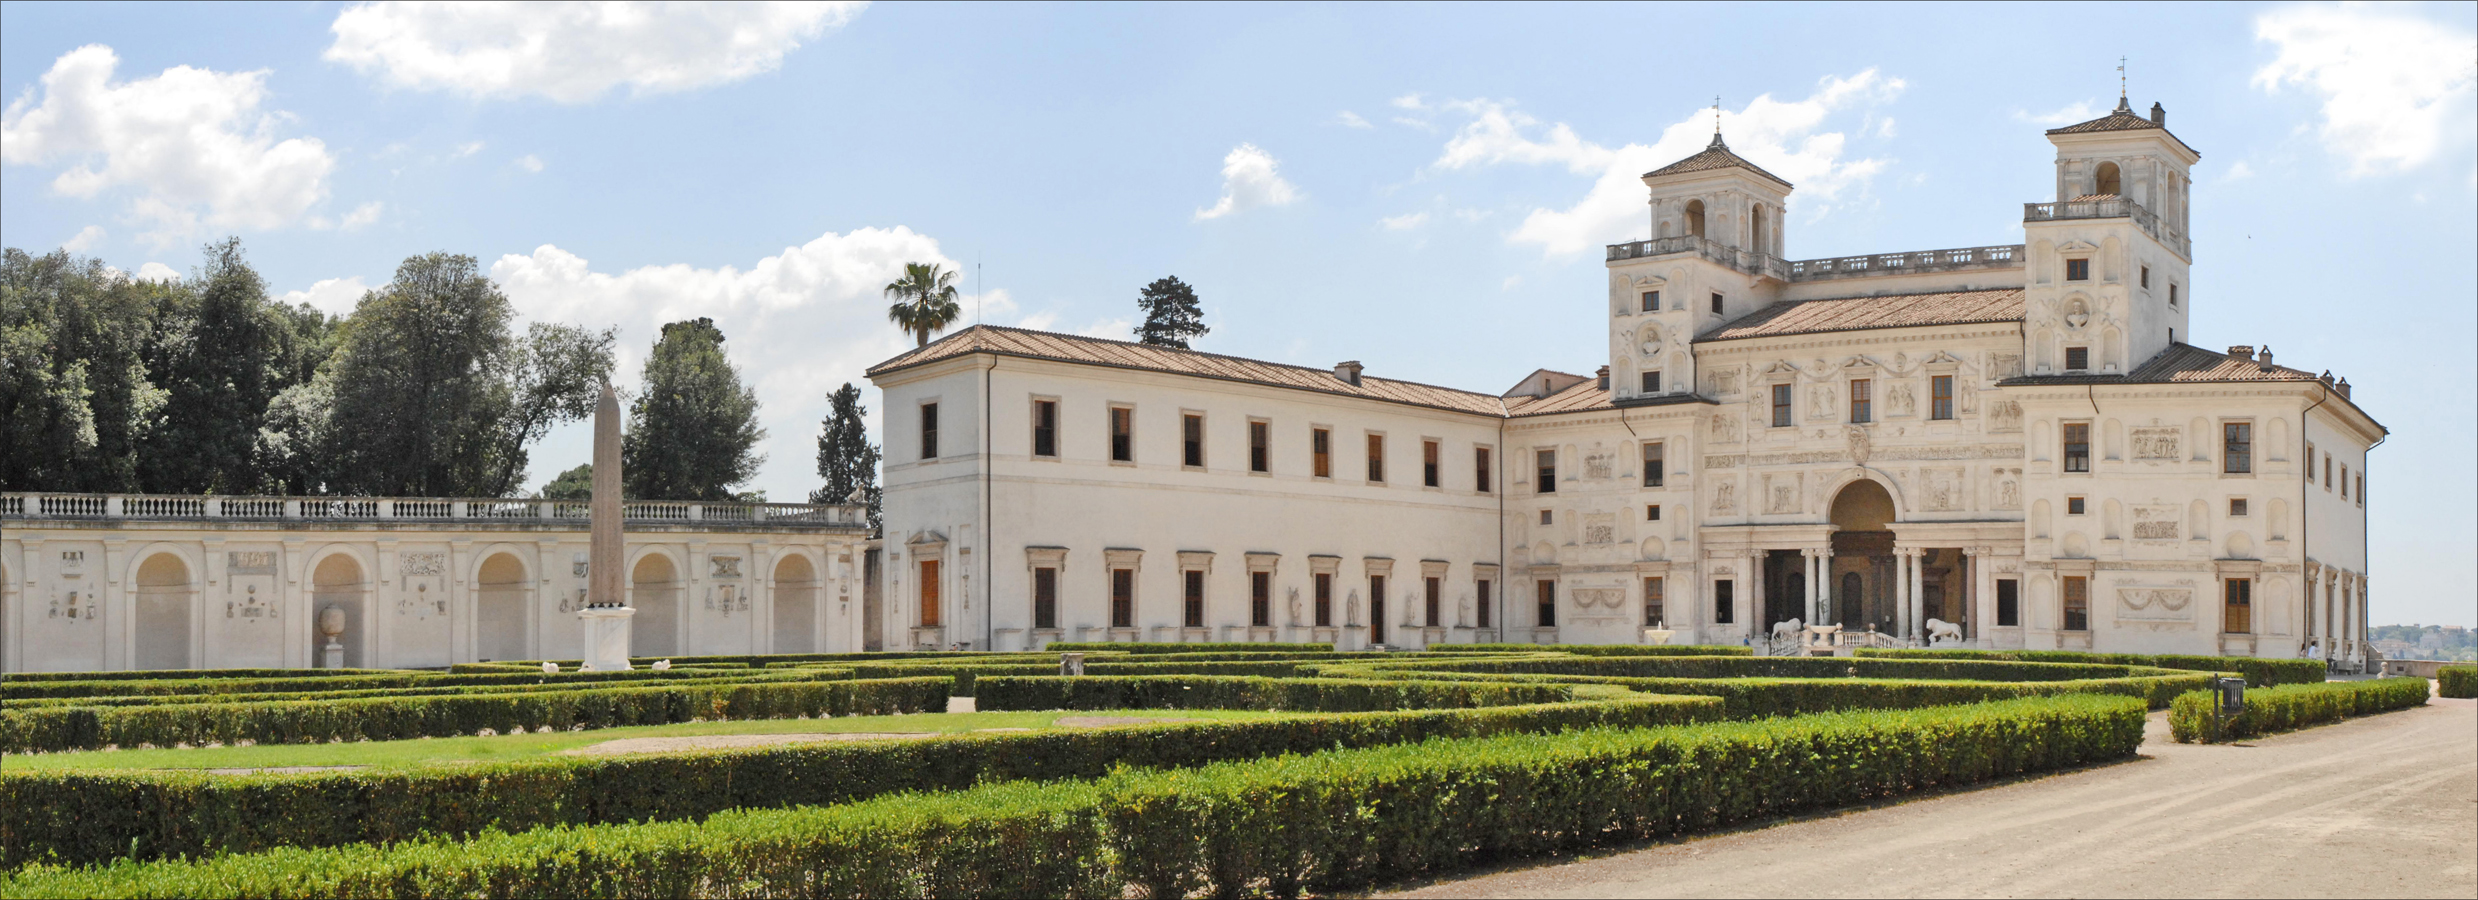 Villa_Medici_Rome_02[1]